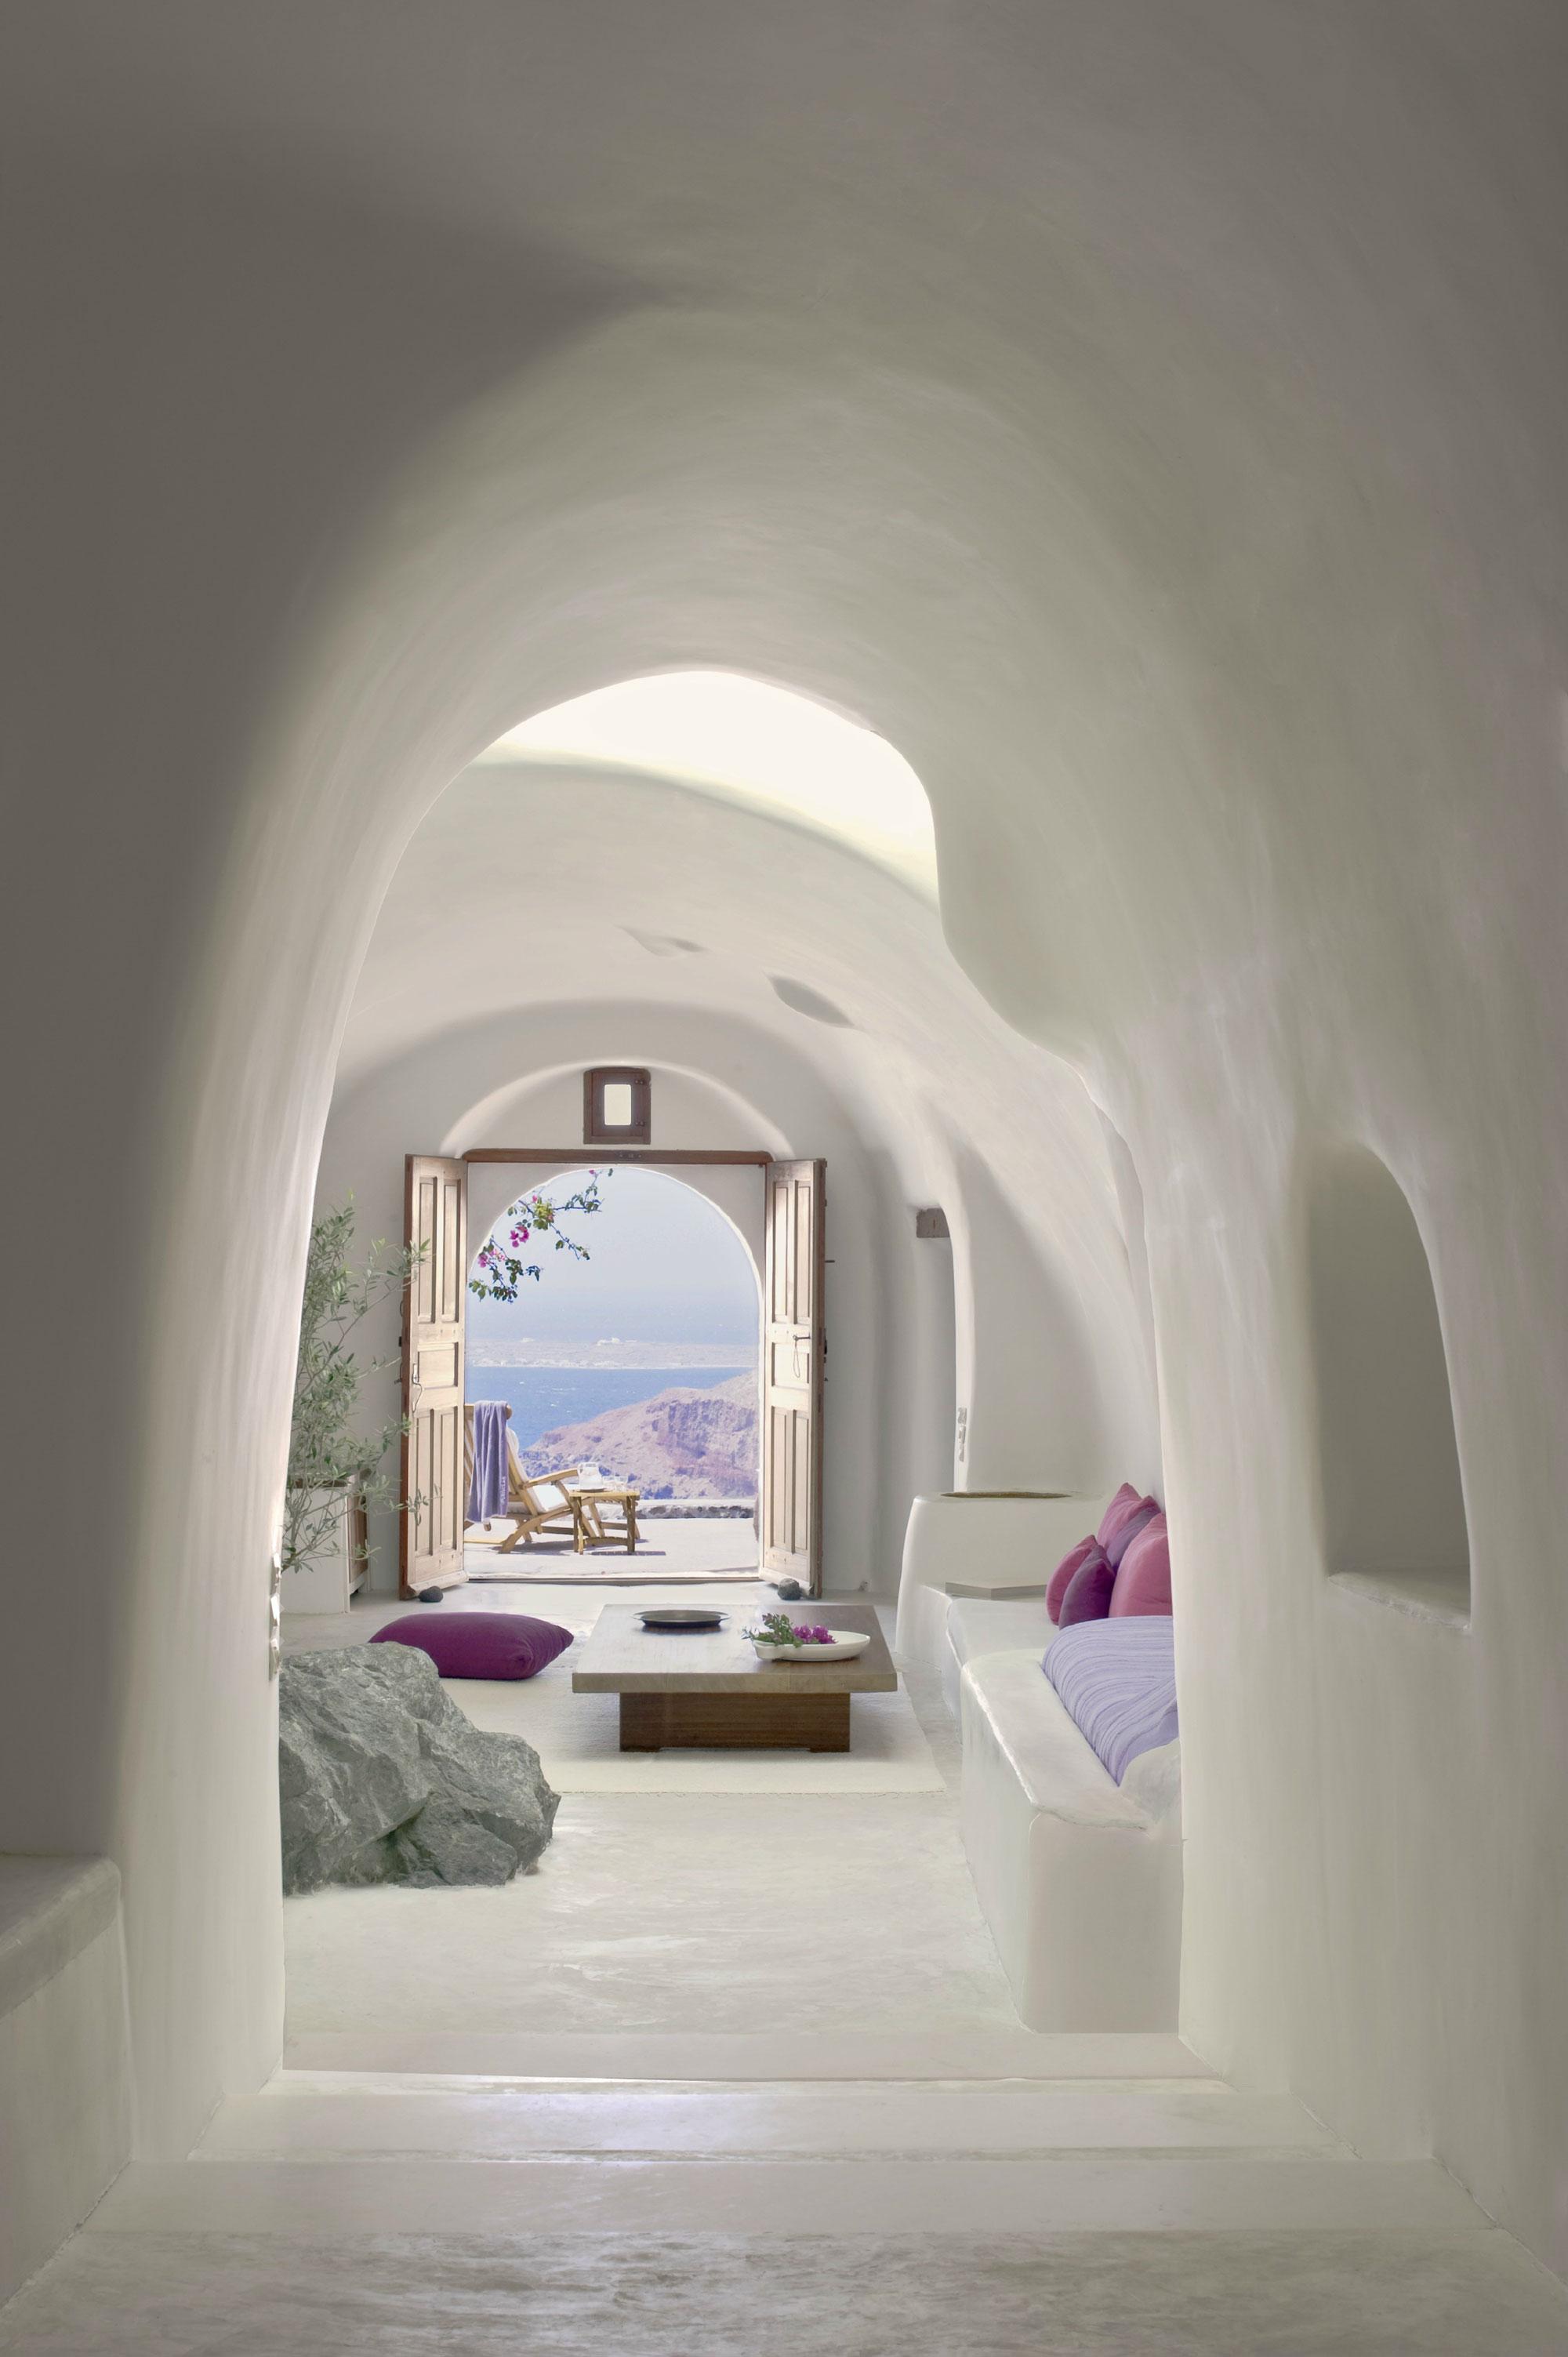 Perivolas-Oia-Santorini-11